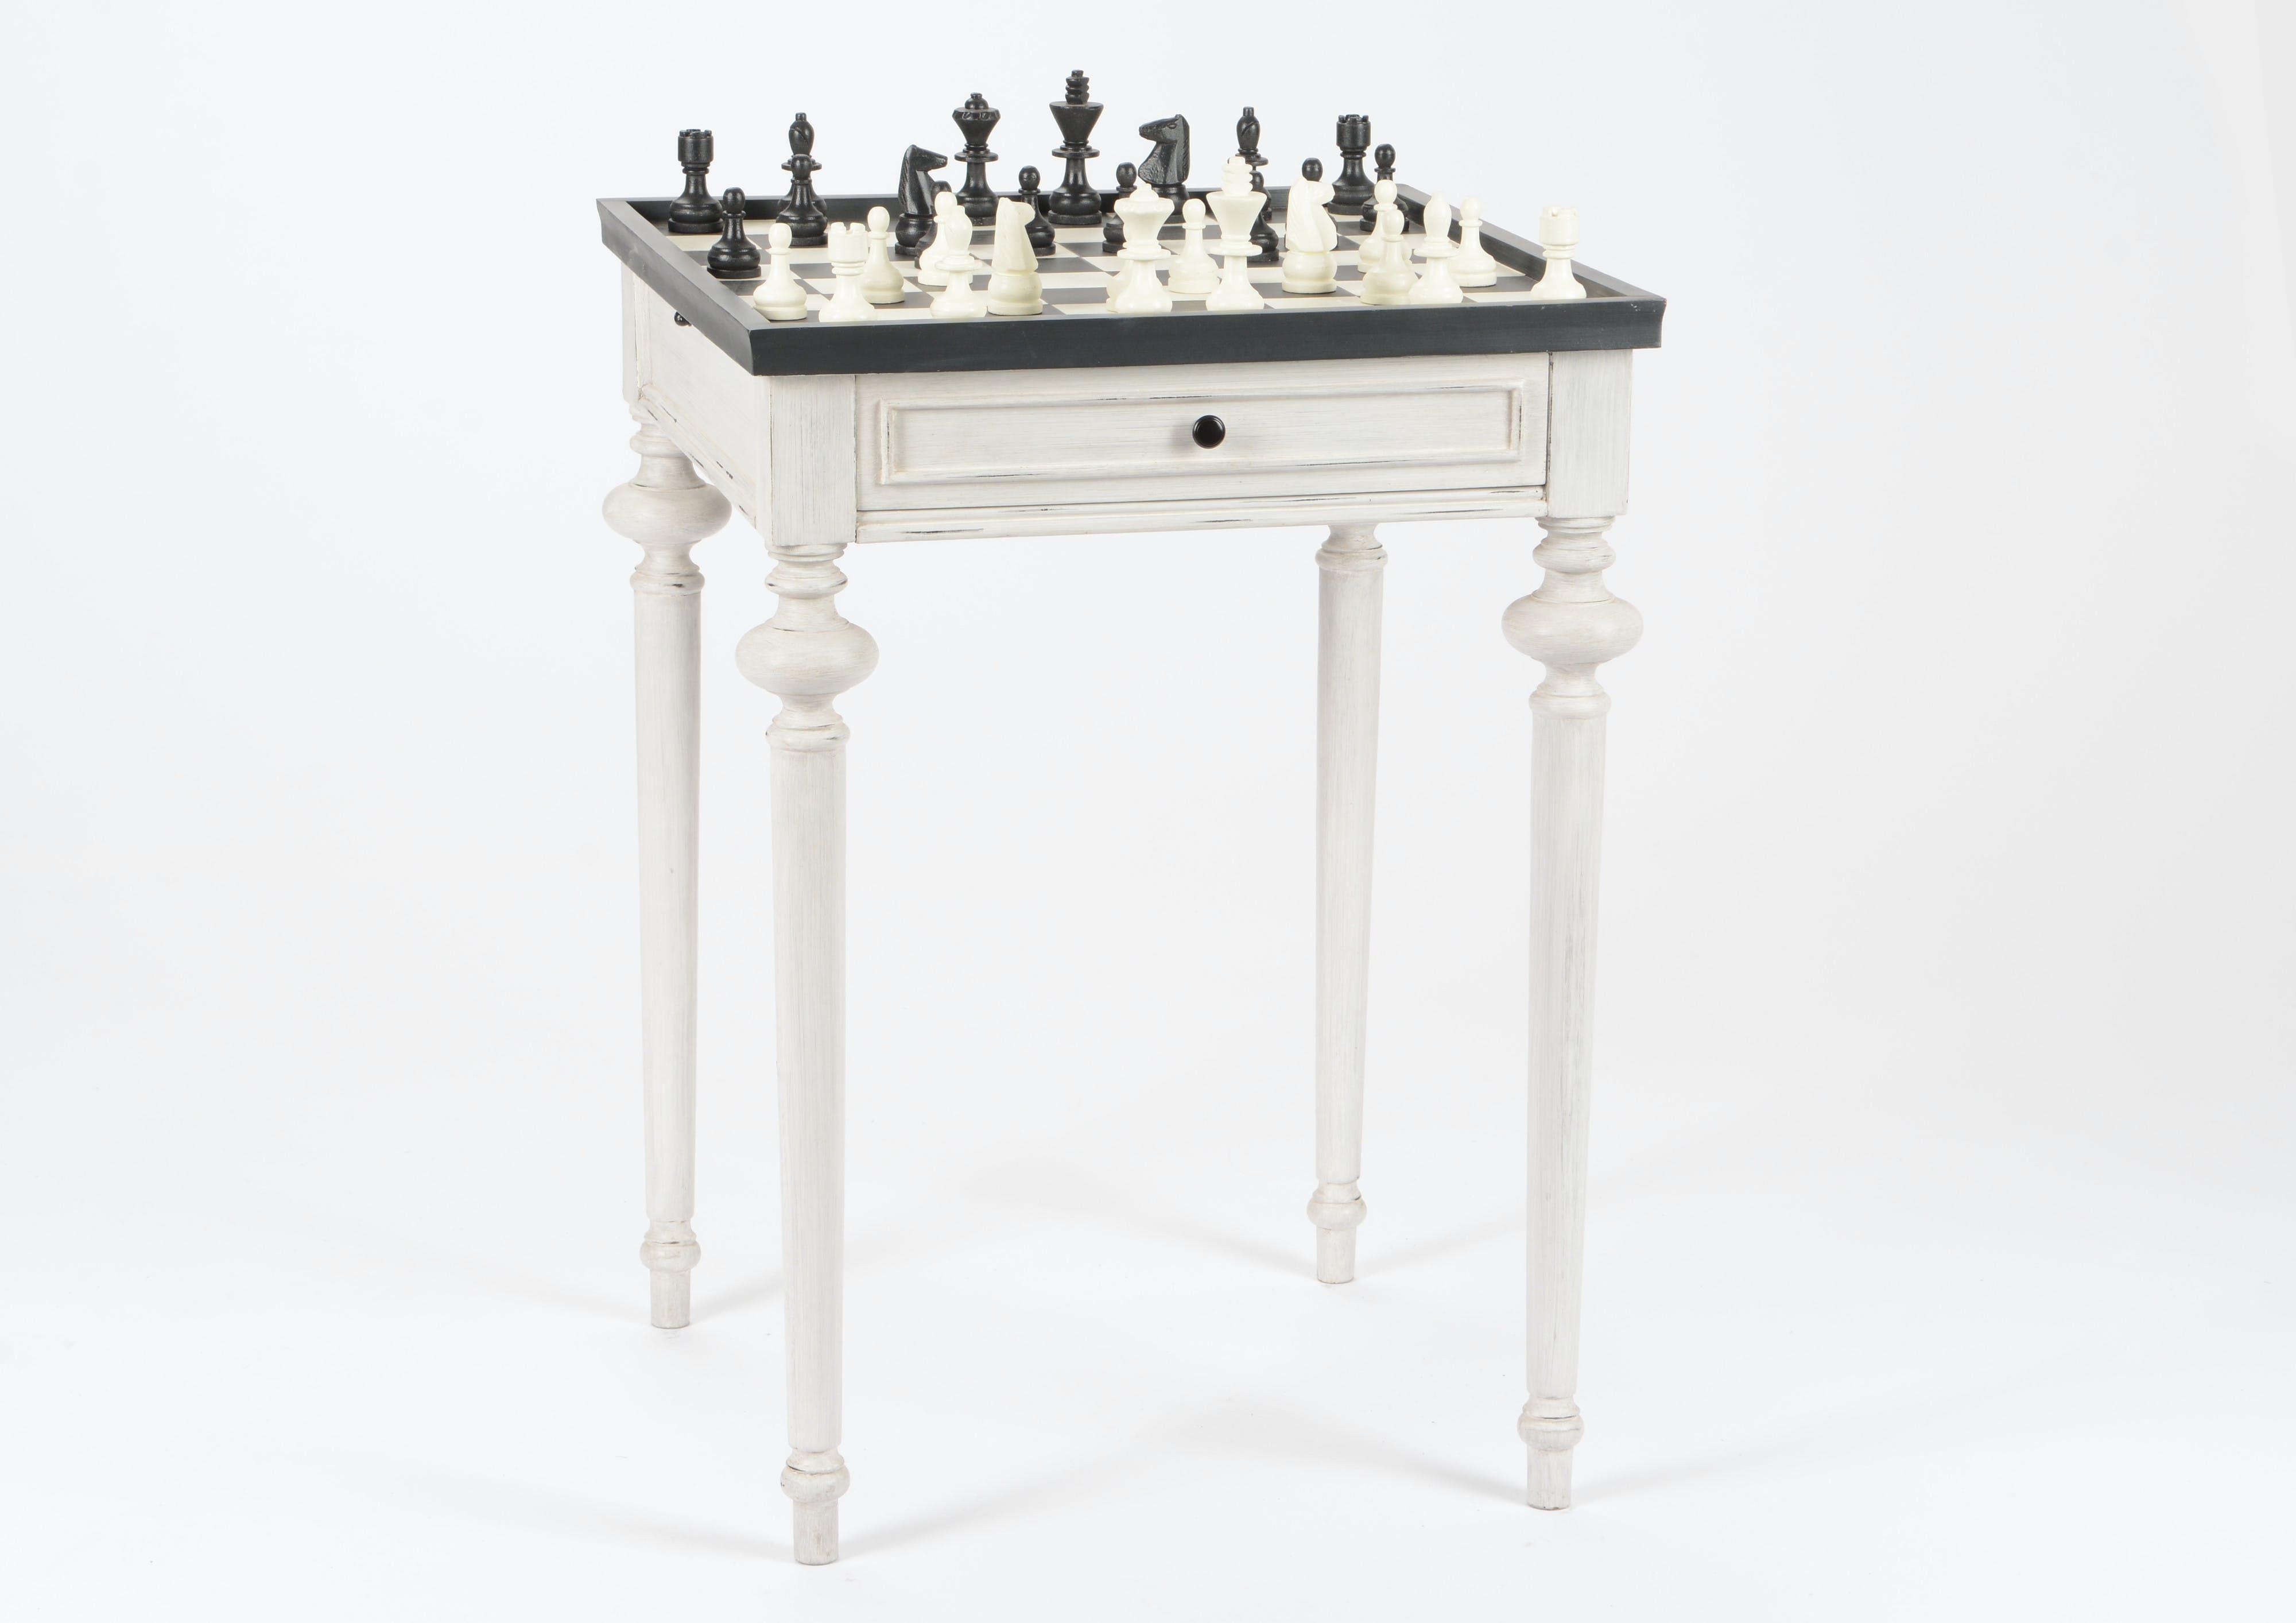 Table d'échec Baroque 1 tiroir HERITAGE bois blanchi plateau anthracite Echiquier 50x50x76cm AMADEUS